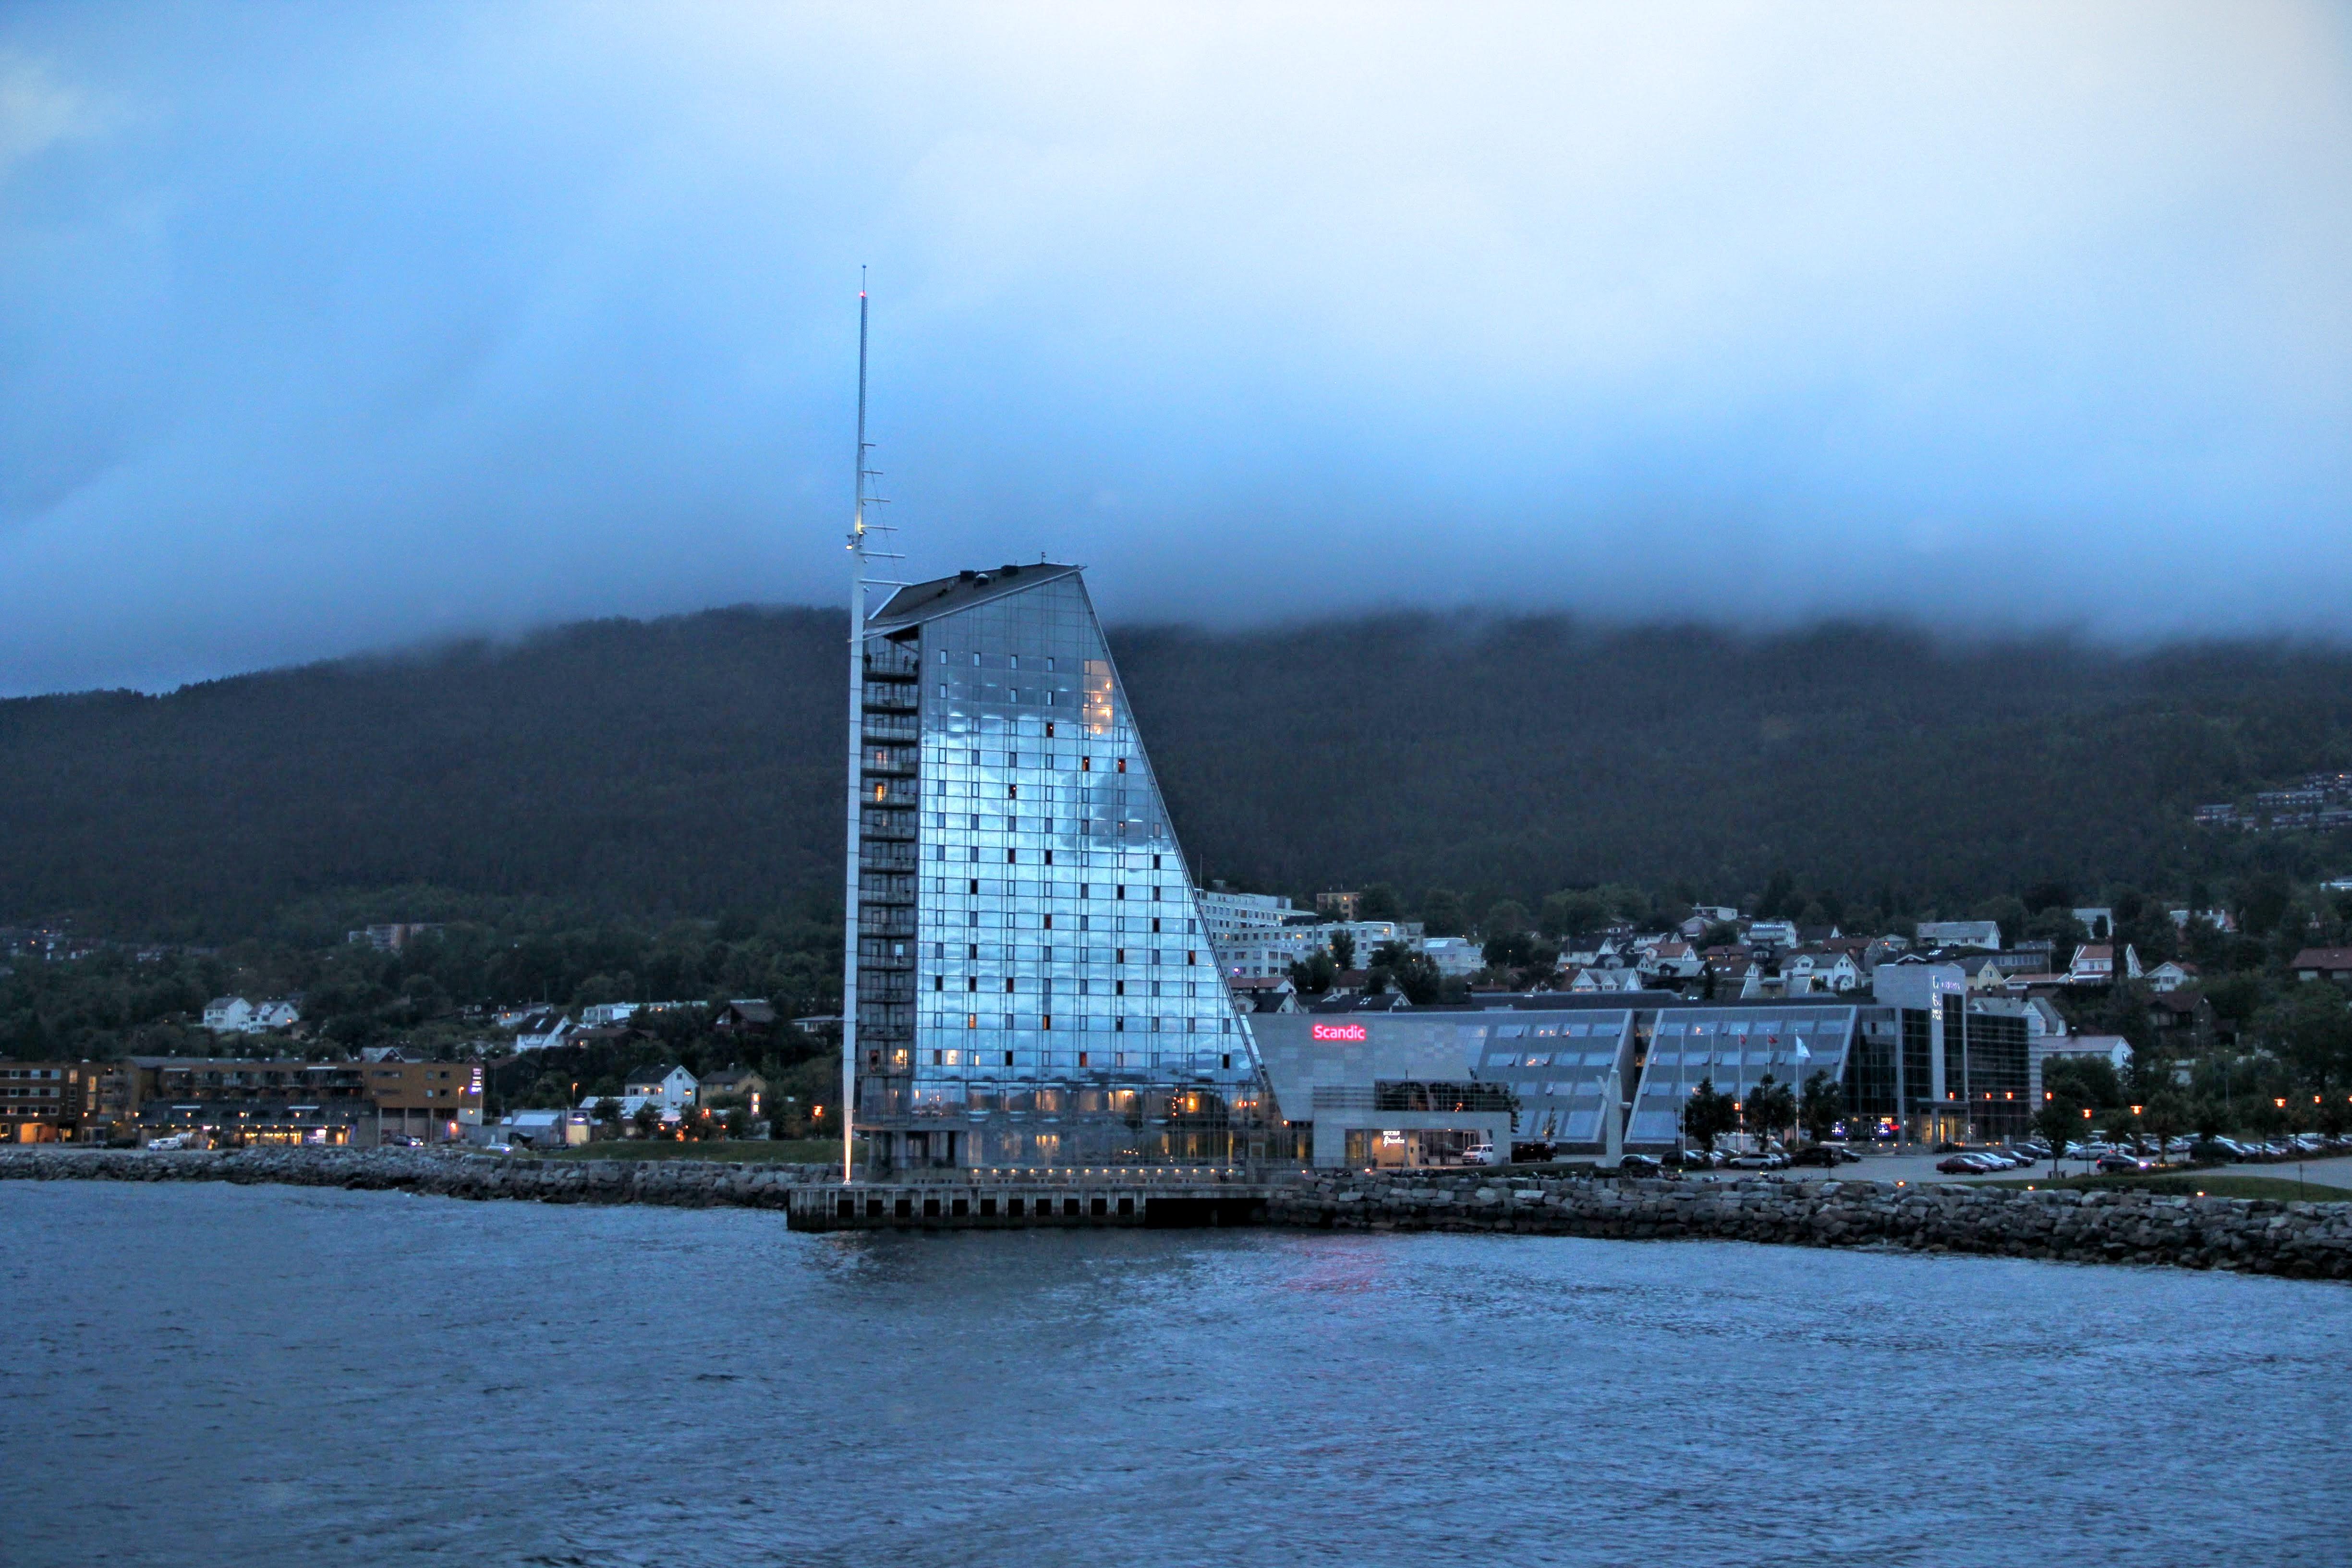 L'hôtel Scandic de Molde